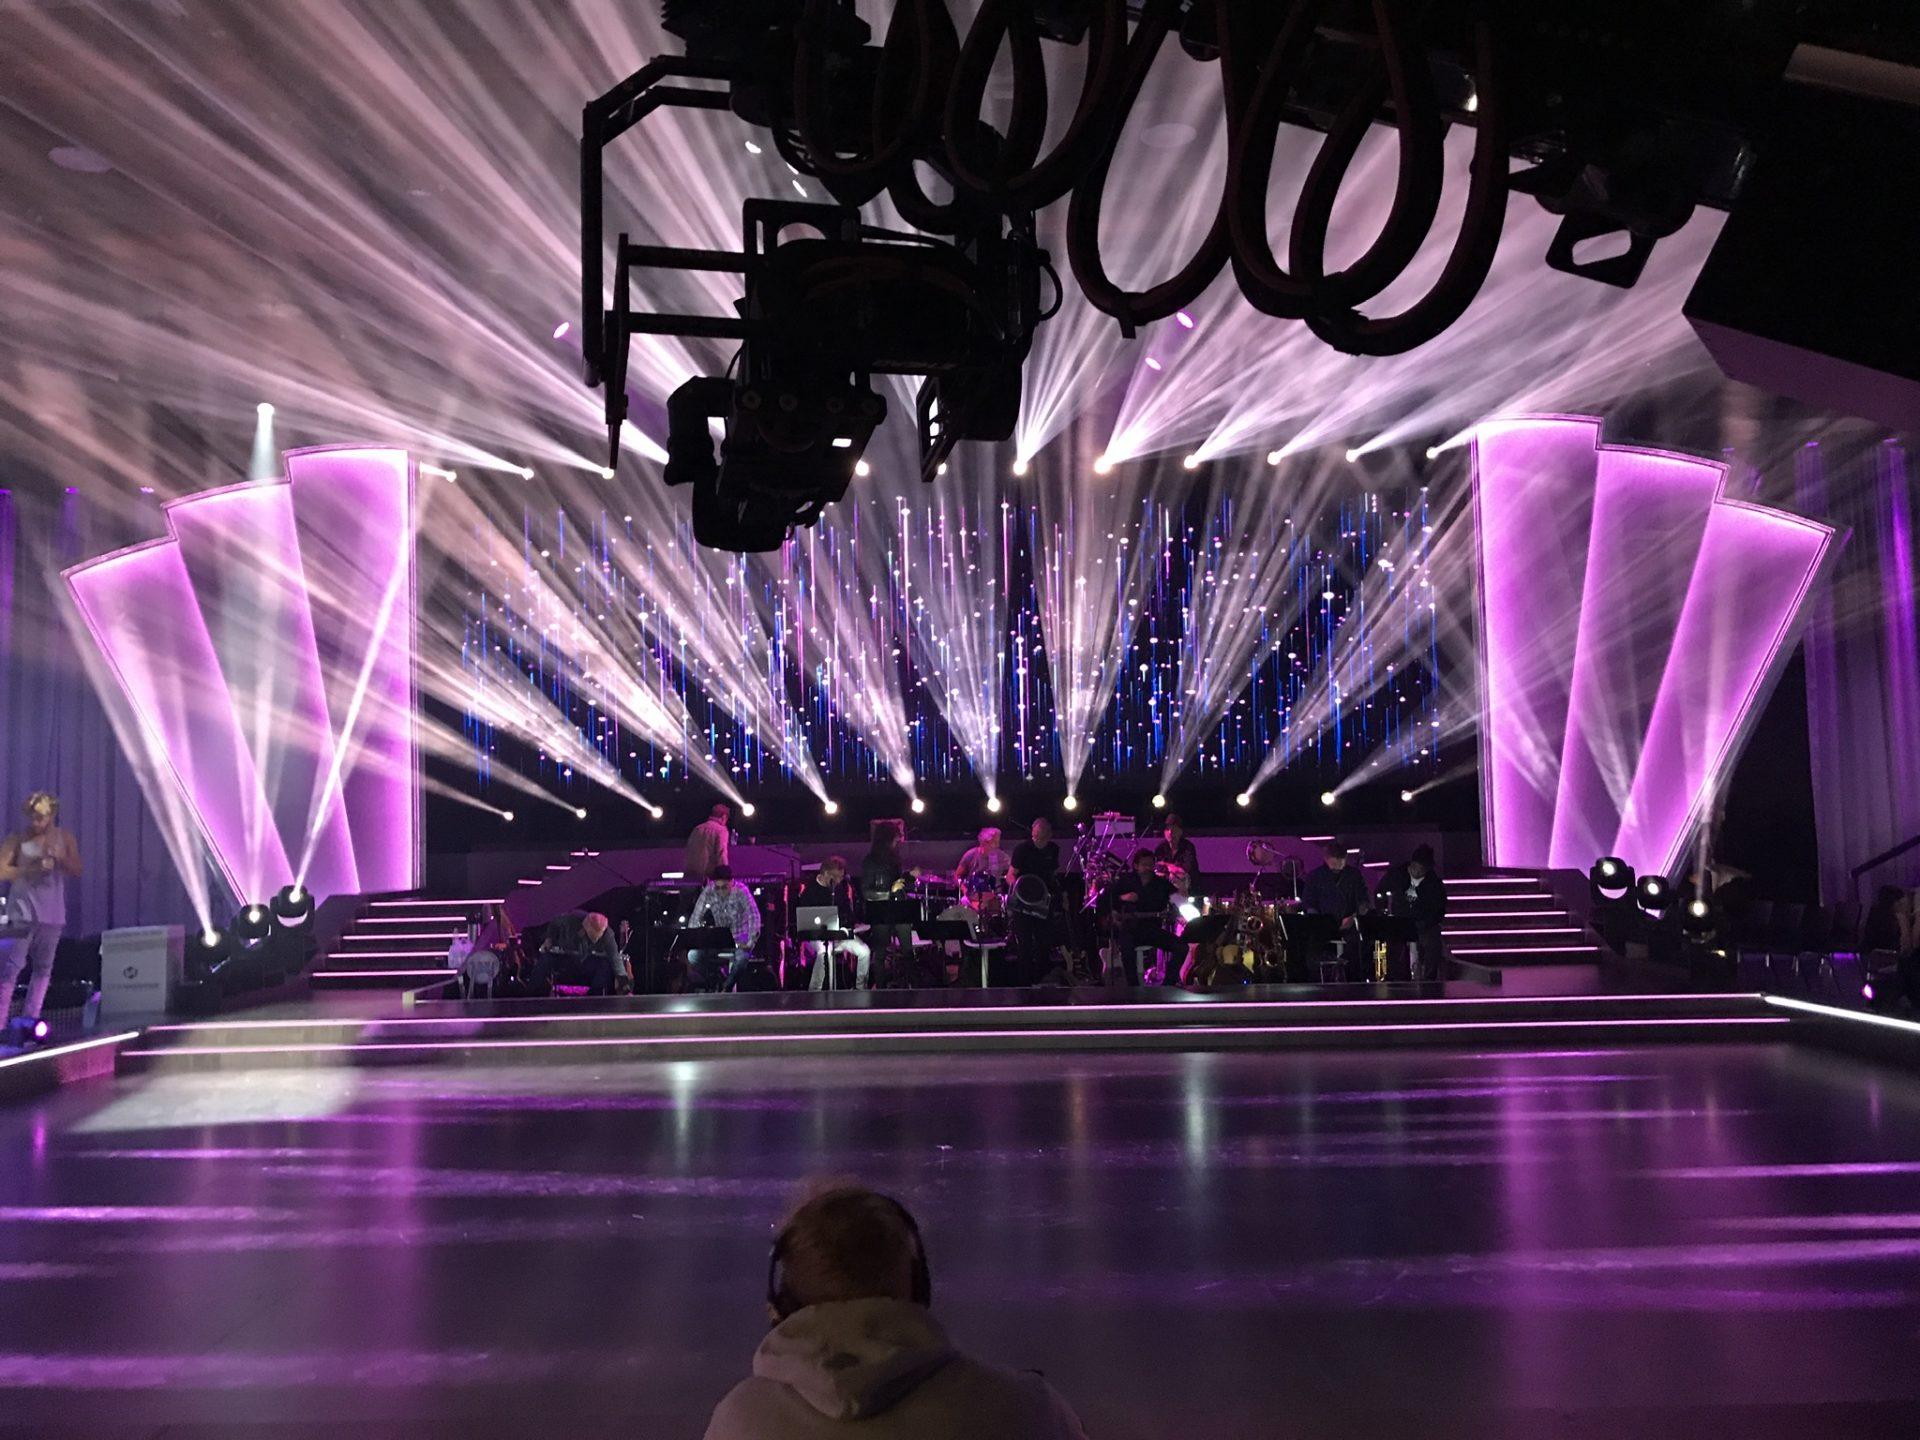 LED-belysning til TV-shows | +30 års erfaring | Instalight ApS